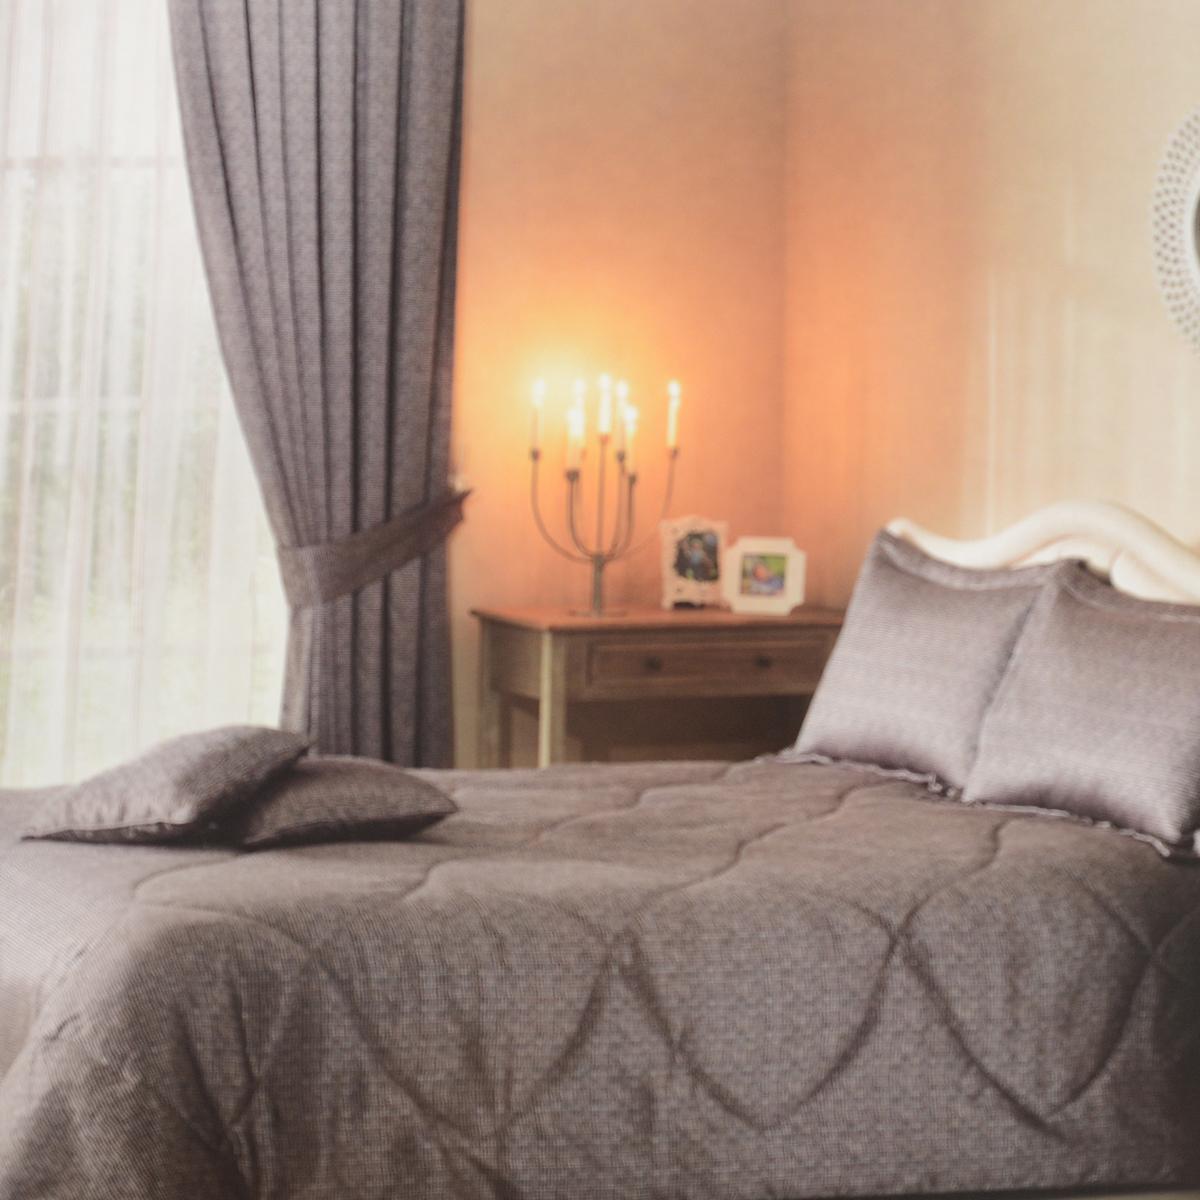 """TAC Комплект для спальни ТАС """"Bonsai"""", цвет: сиреневый, коричневый, 5 предметов. 4932-60080601"""